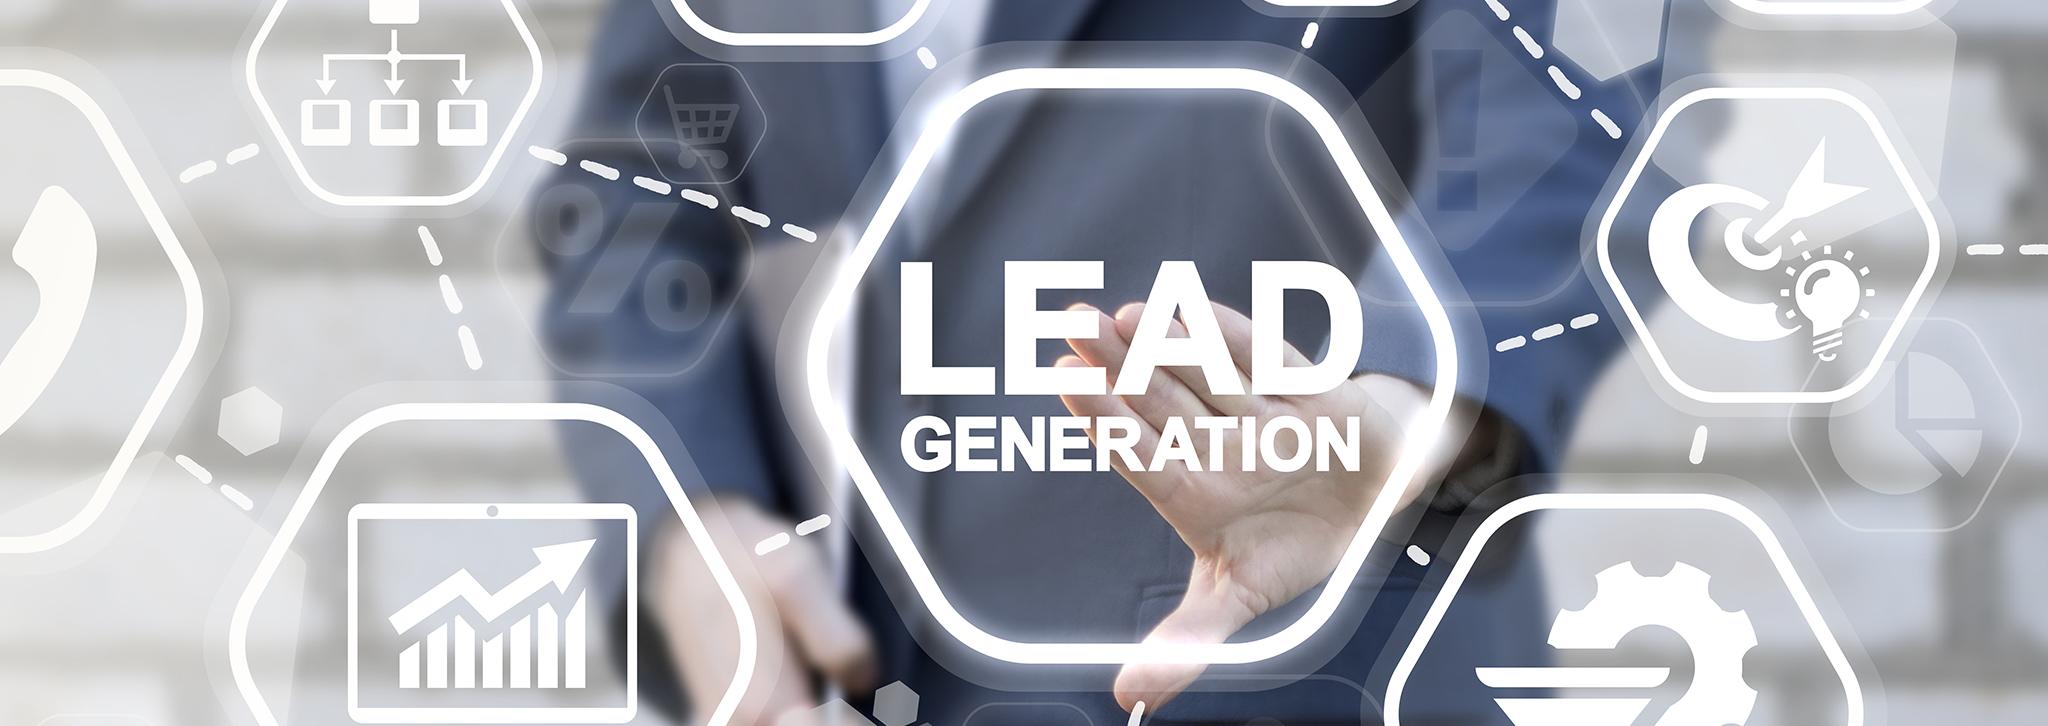 31 Best B2B Lead Generation Strategies/Tips/Tactics to Drive Revenue & Growth